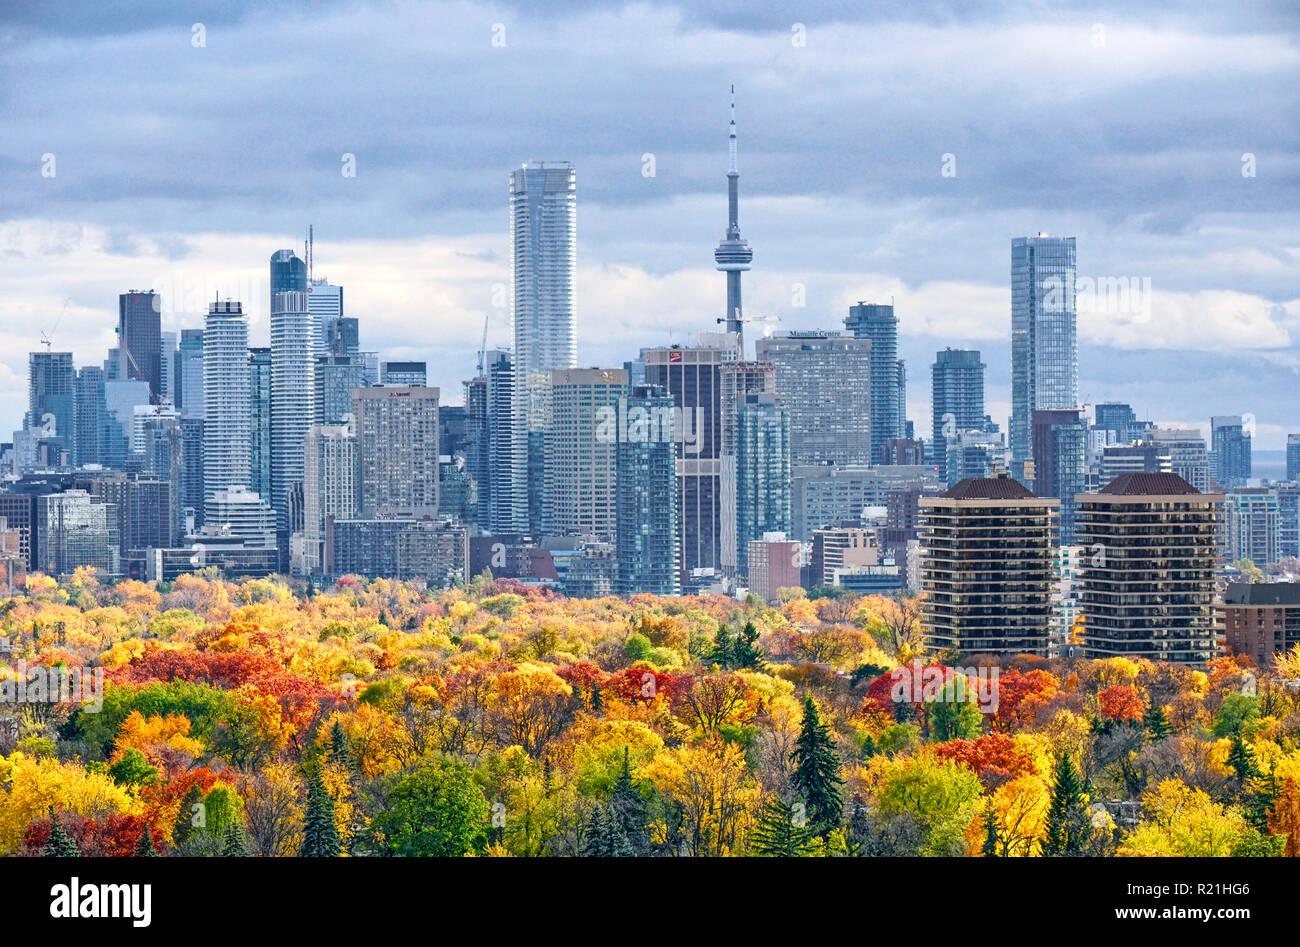 Automne Toronto Skyline Downtown et Midtown, y compris les principaux bâtiments historiques avec des couleurs d'automne au foregound Banque D'Images